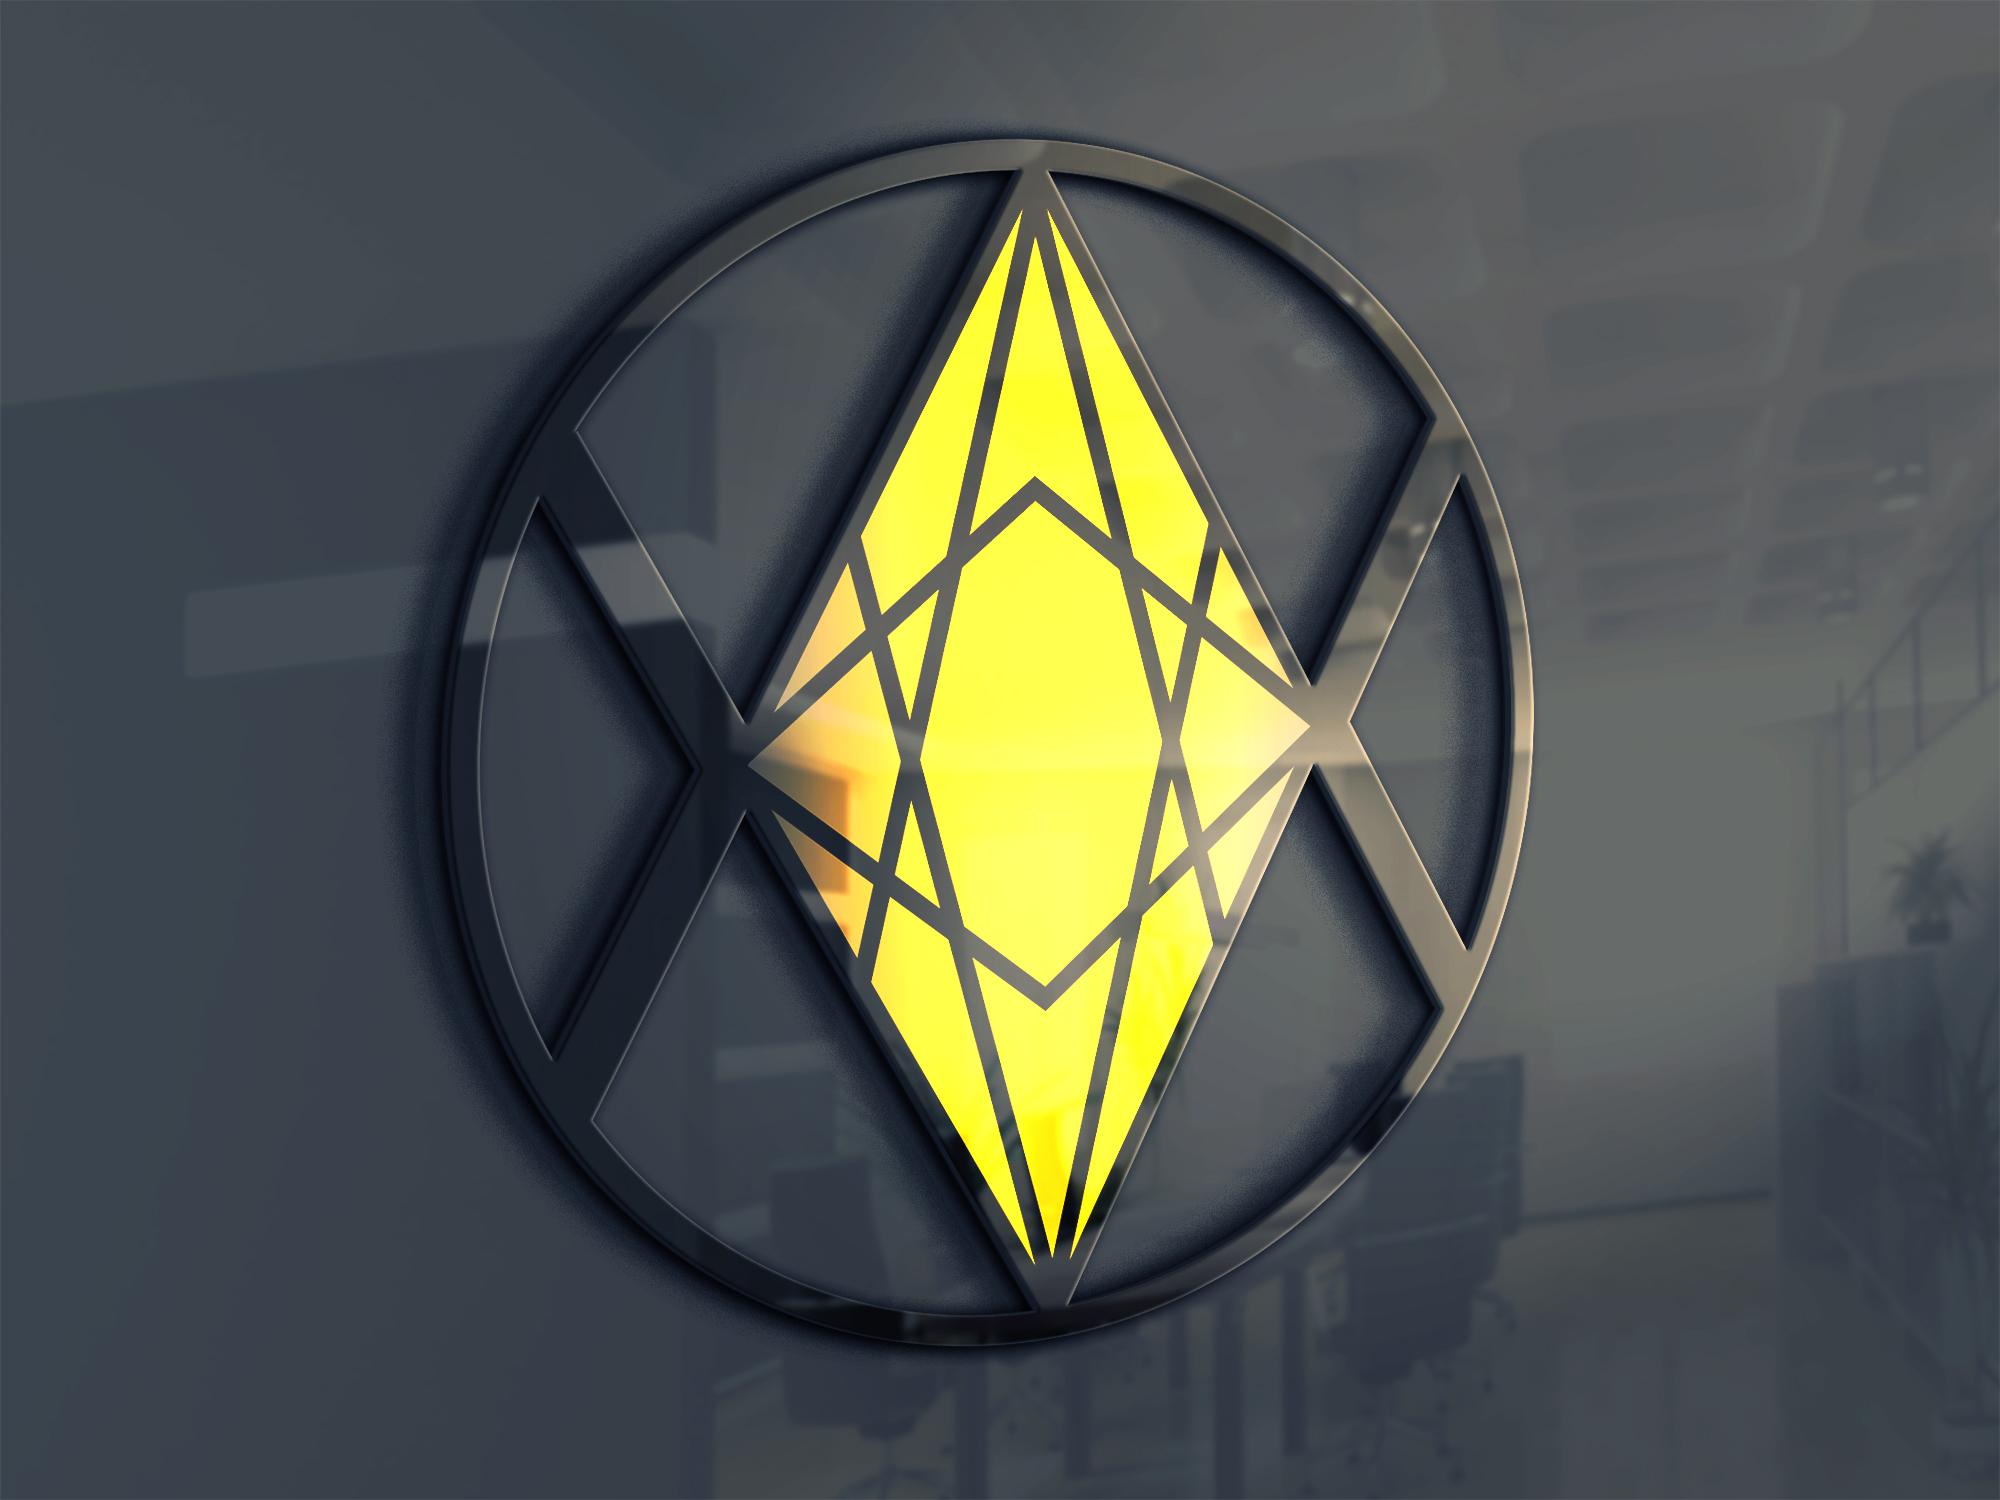 Нужен логотип (эмблема) для самодельного квадроцикла фото f_8355afe7e463a4ff.jpg